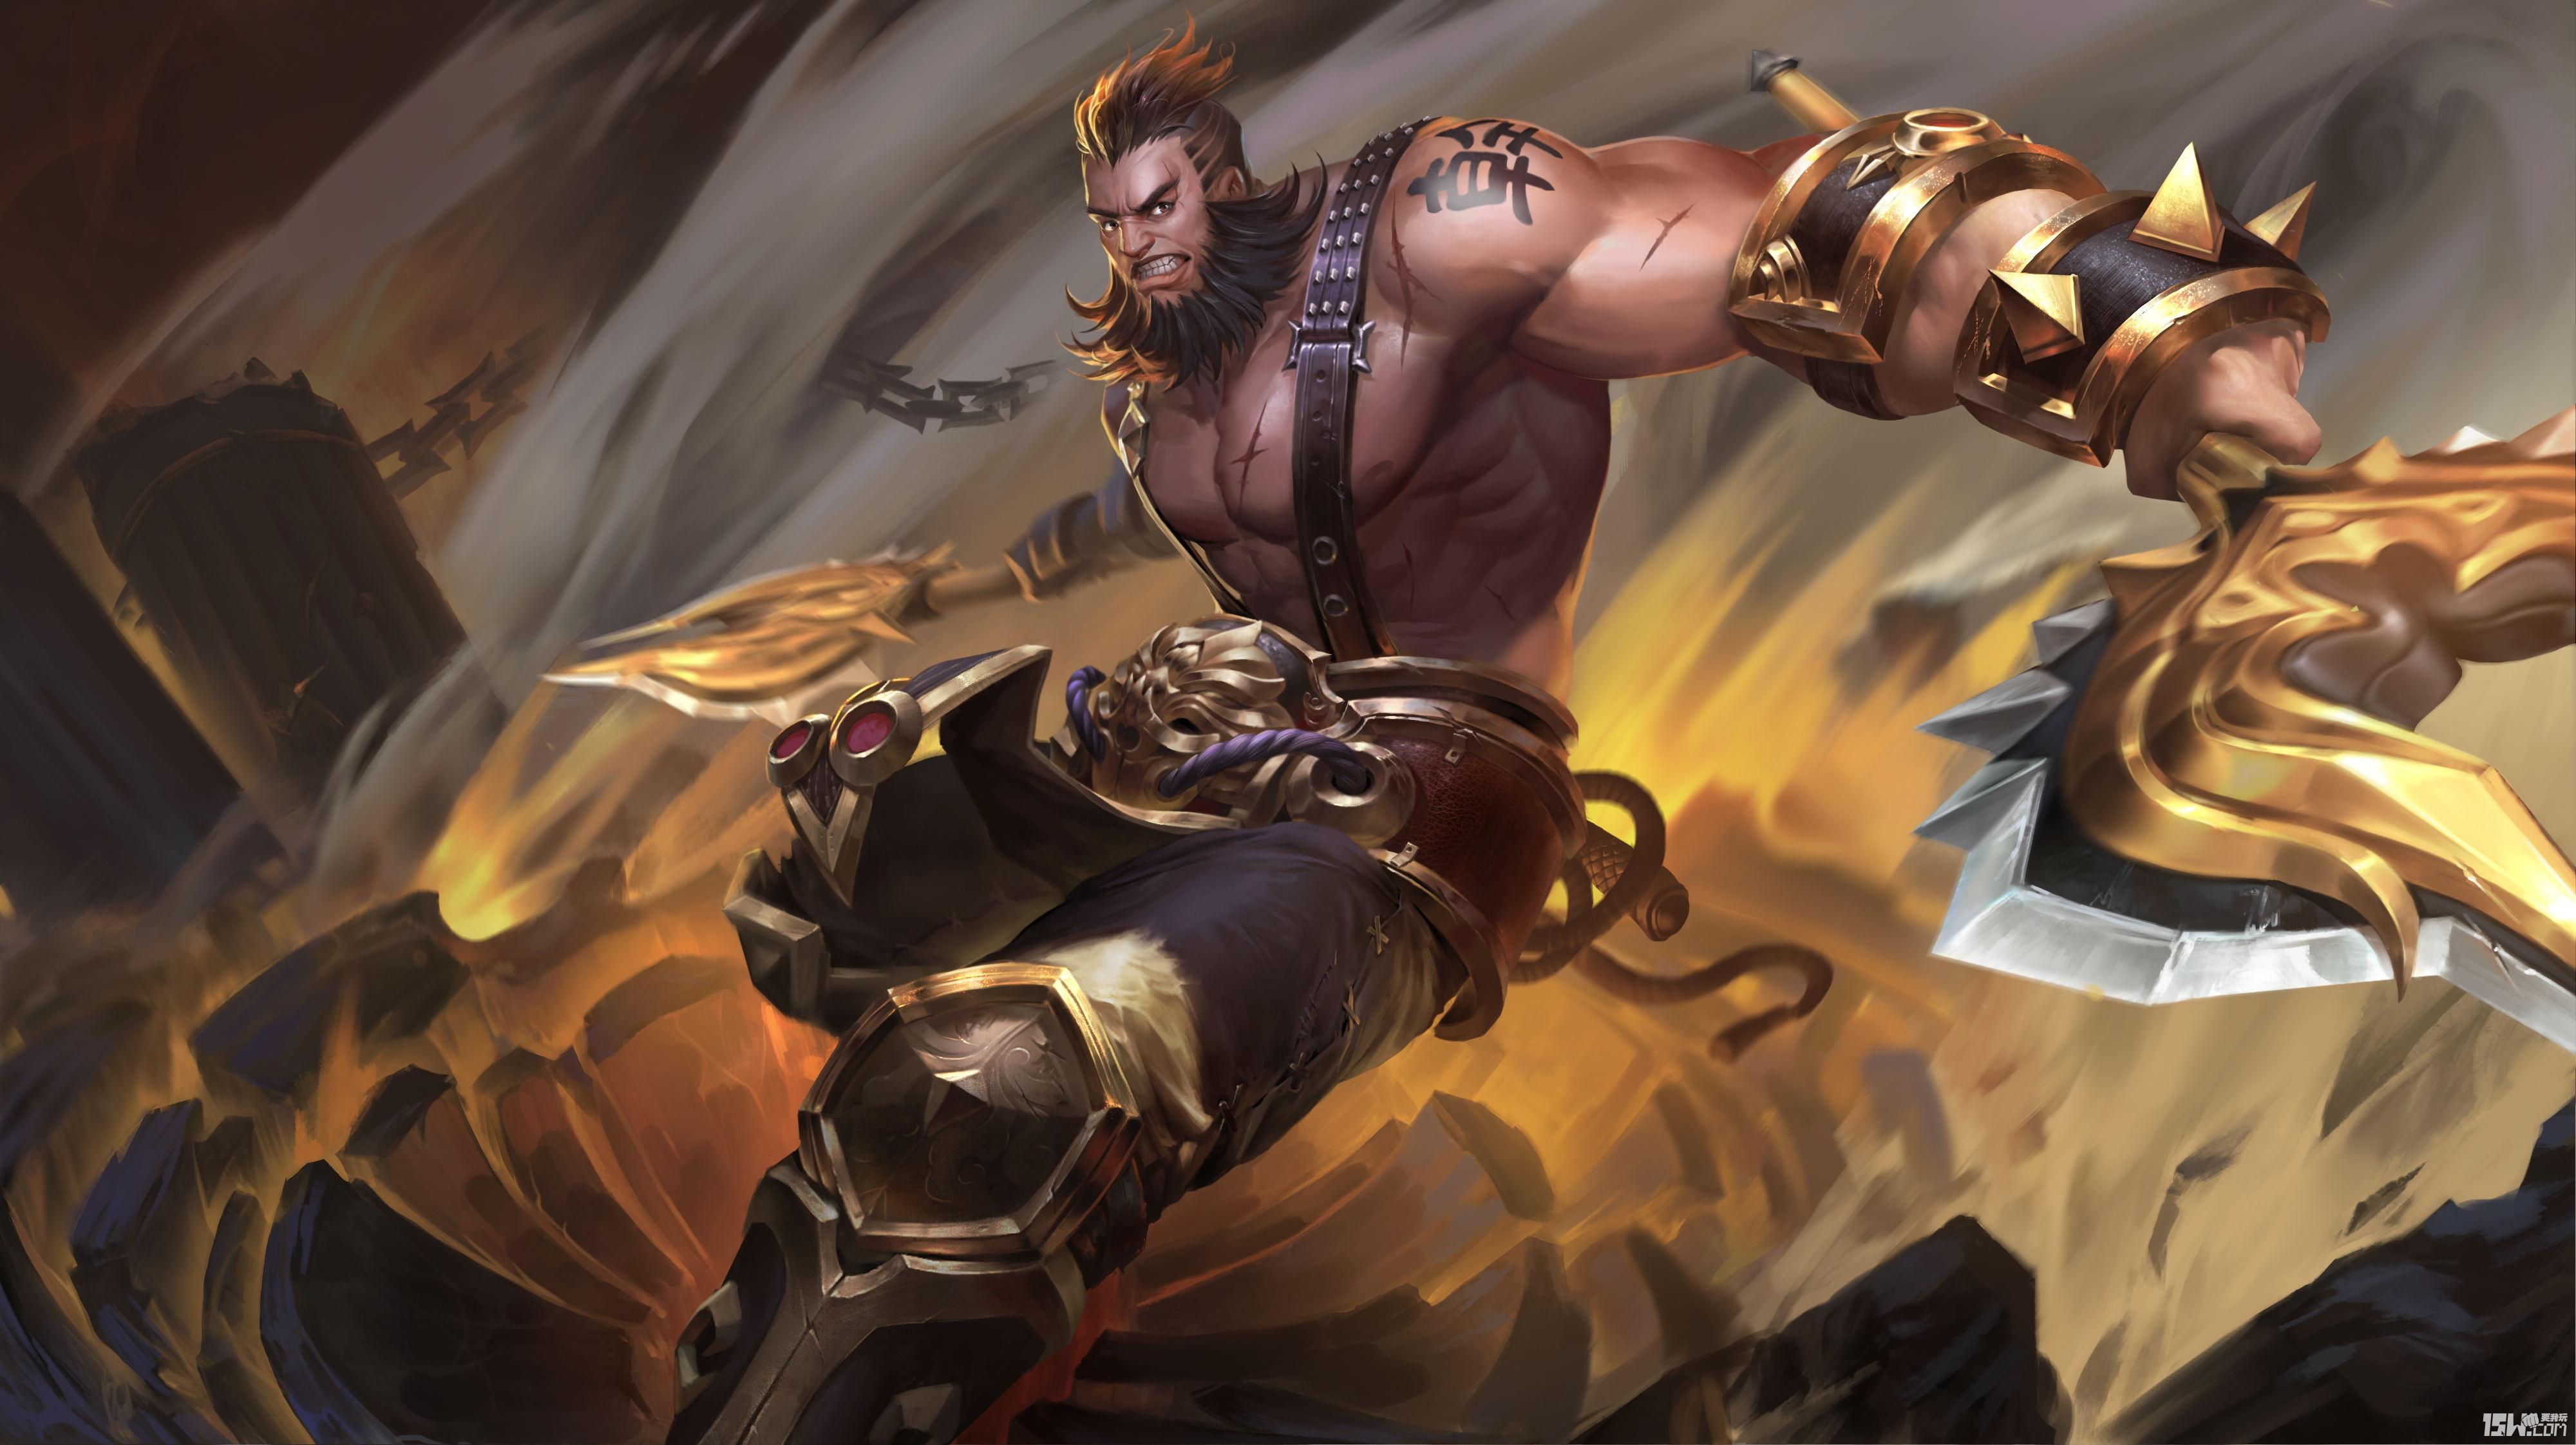 王者荣耀英雄越残血越危险 只要去追分分钟反杀你